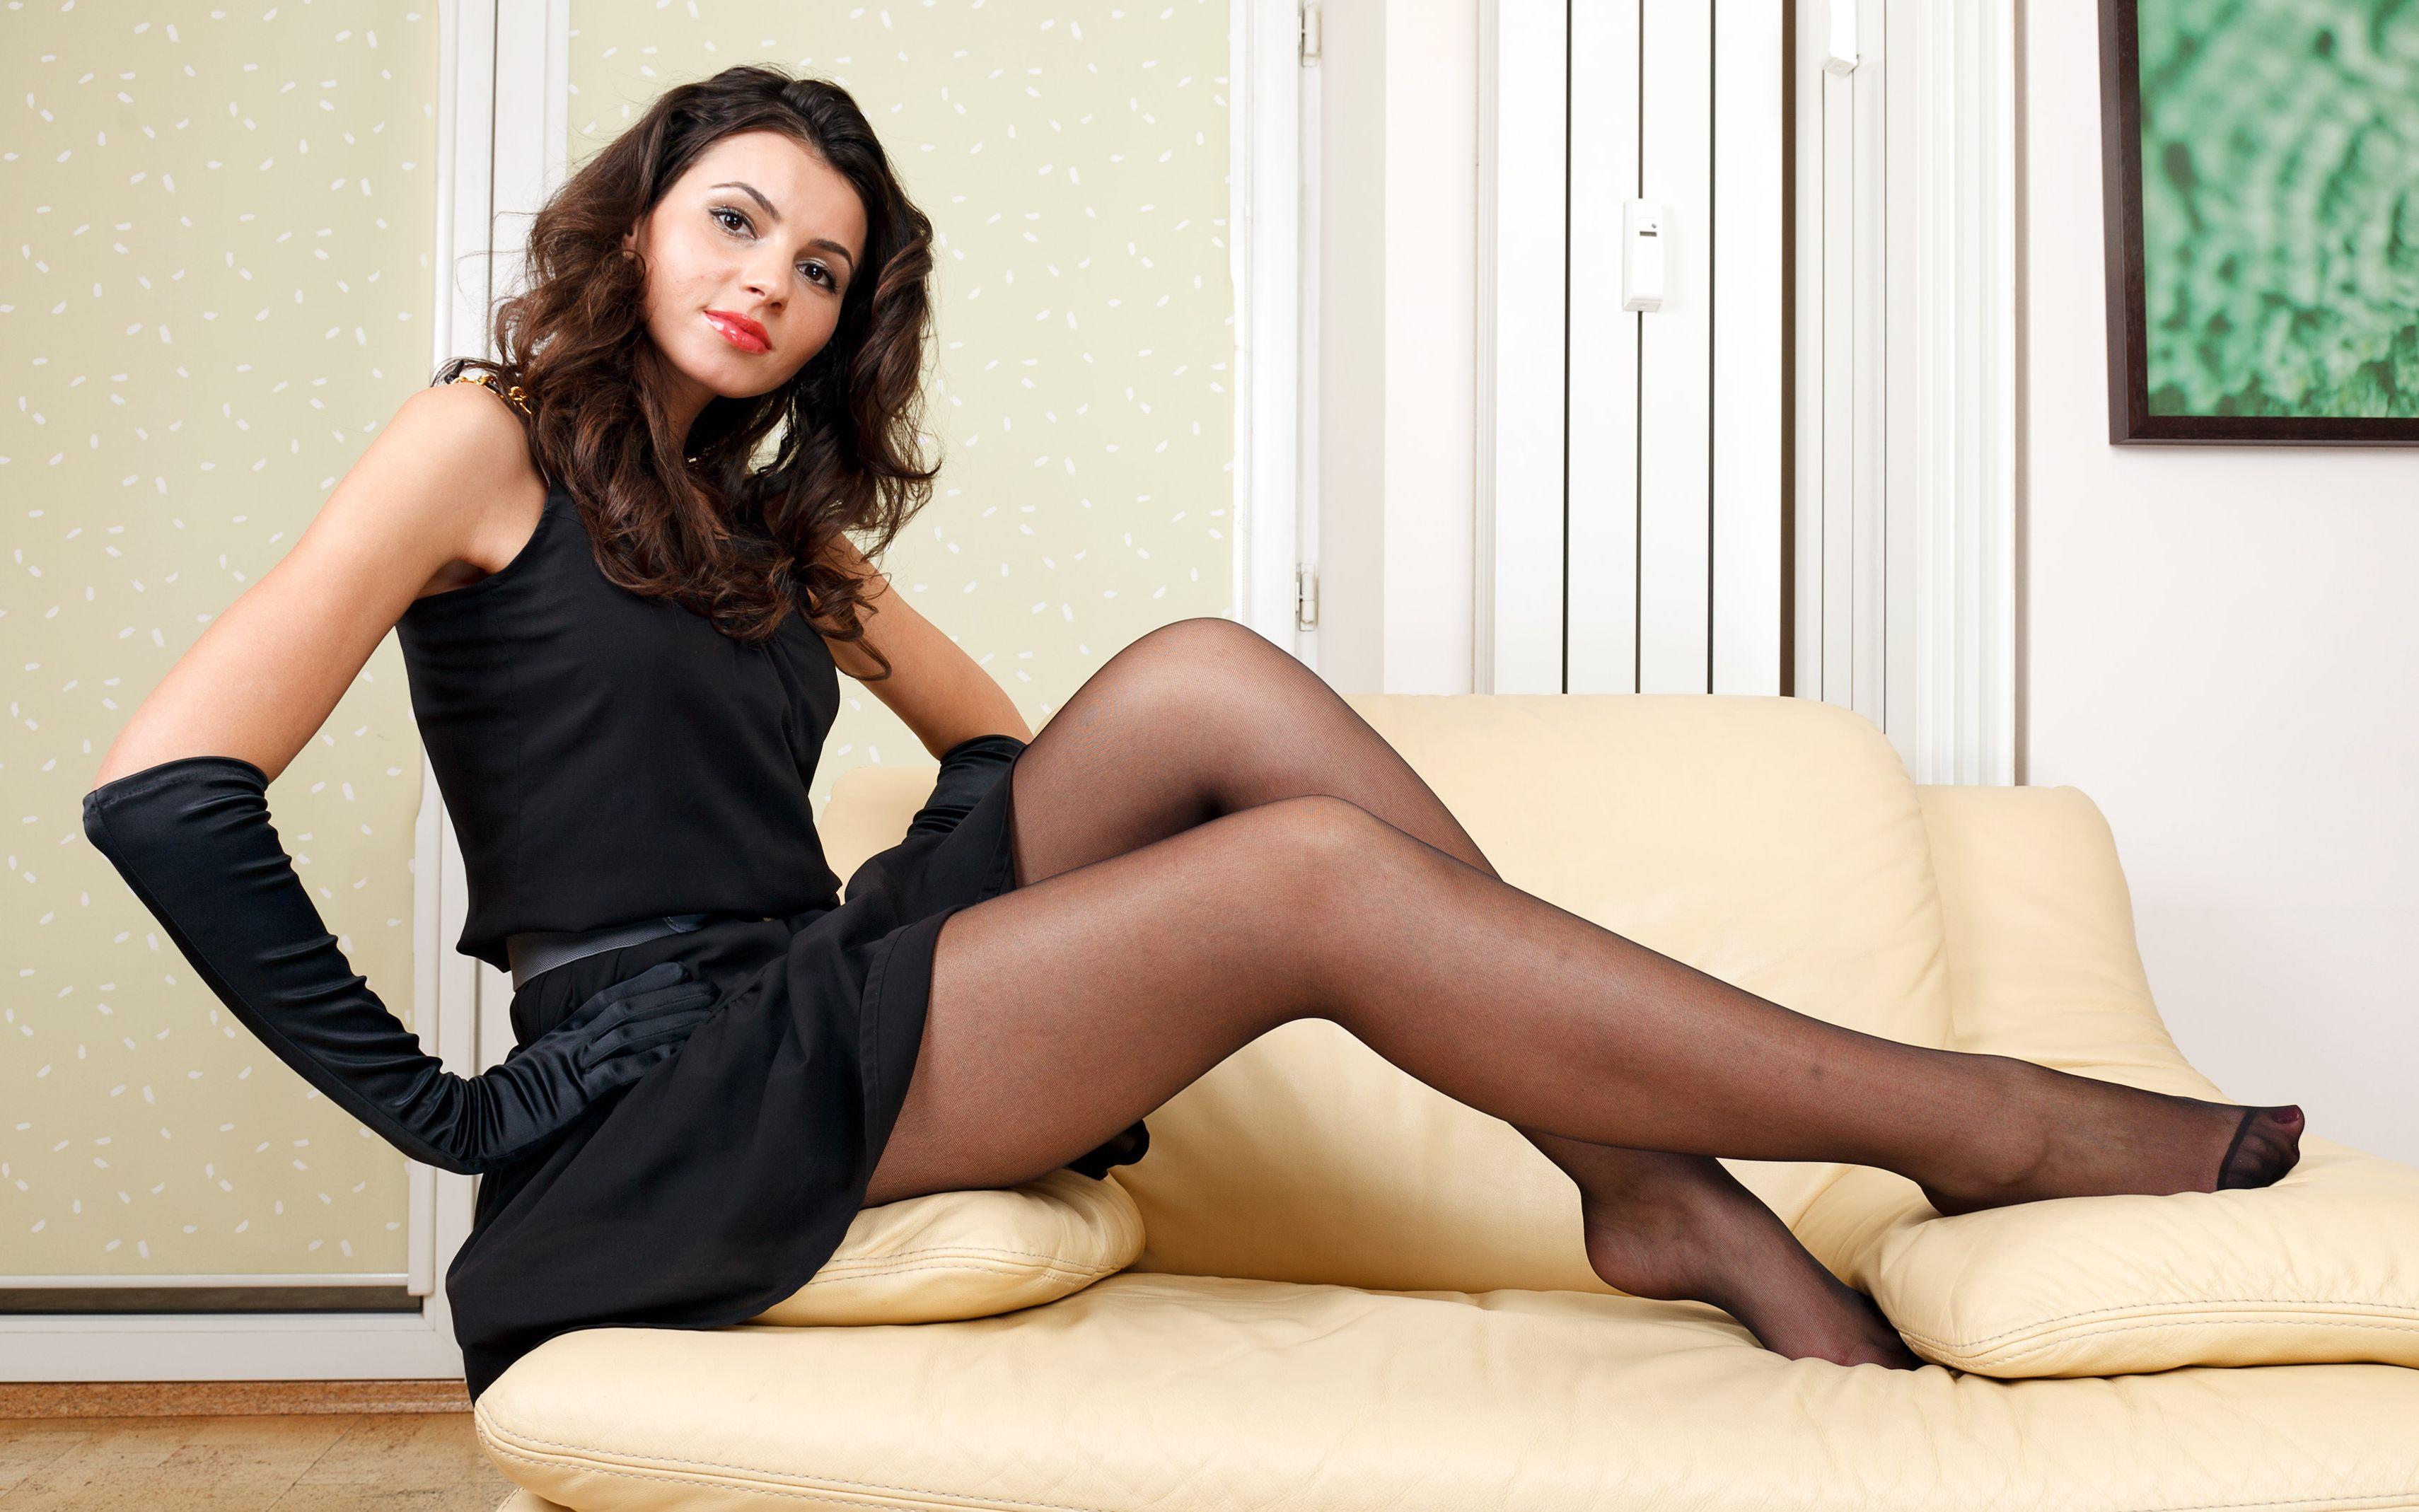 Stockings Wallpapers - WallpaperSafari